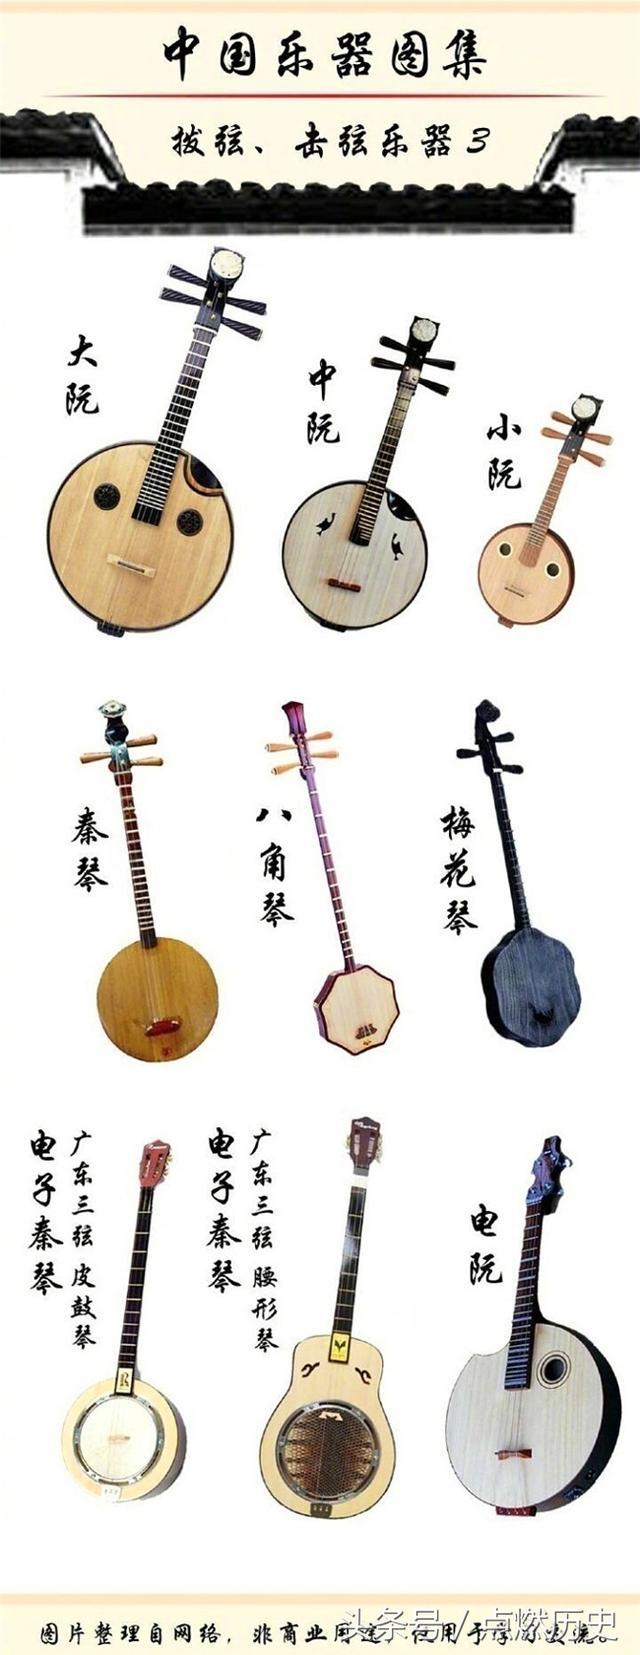 中國傳統樂器圖集,看看你認識幾種 - 每日頭條